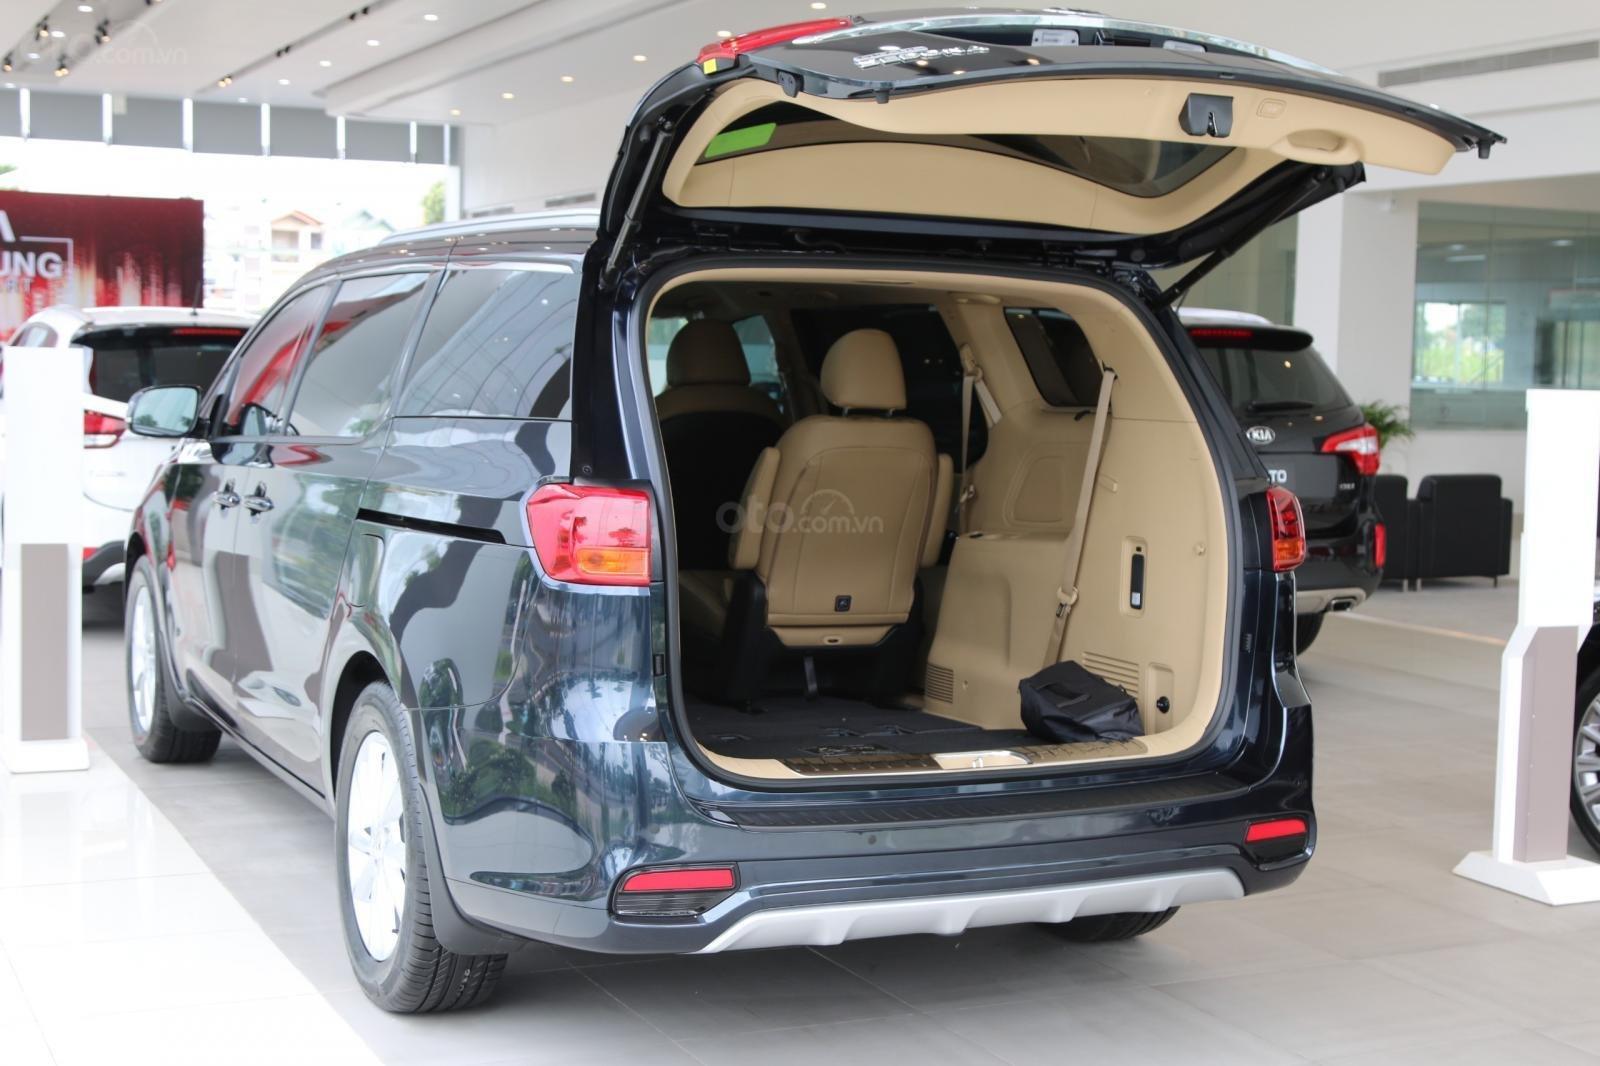 Kia Sedona - giảm giá tiền mặt / tặng bảo hiểm + camera hành trình - liên hệ PKD Kia Bình Tân 093 317 0660-7